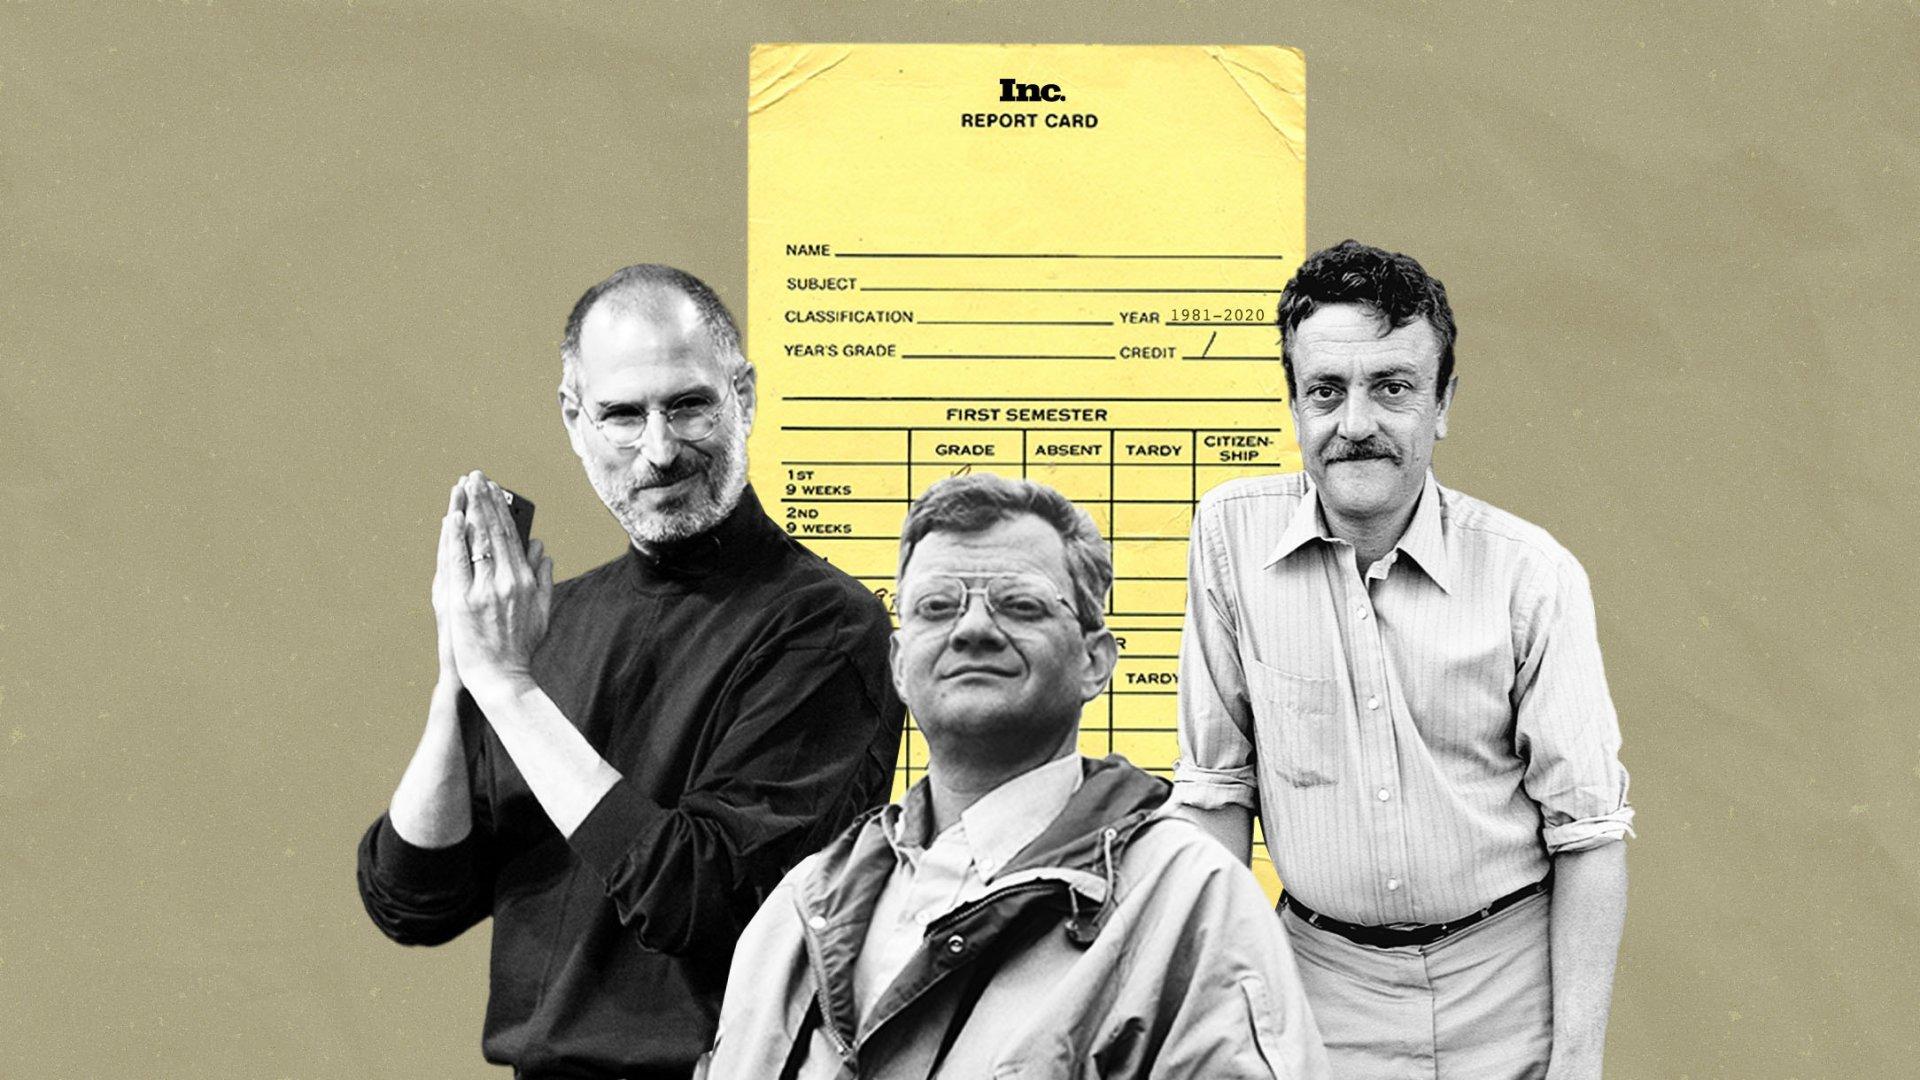 Steve Jobs, Tom Clancy, and Kurt Vonnegut.